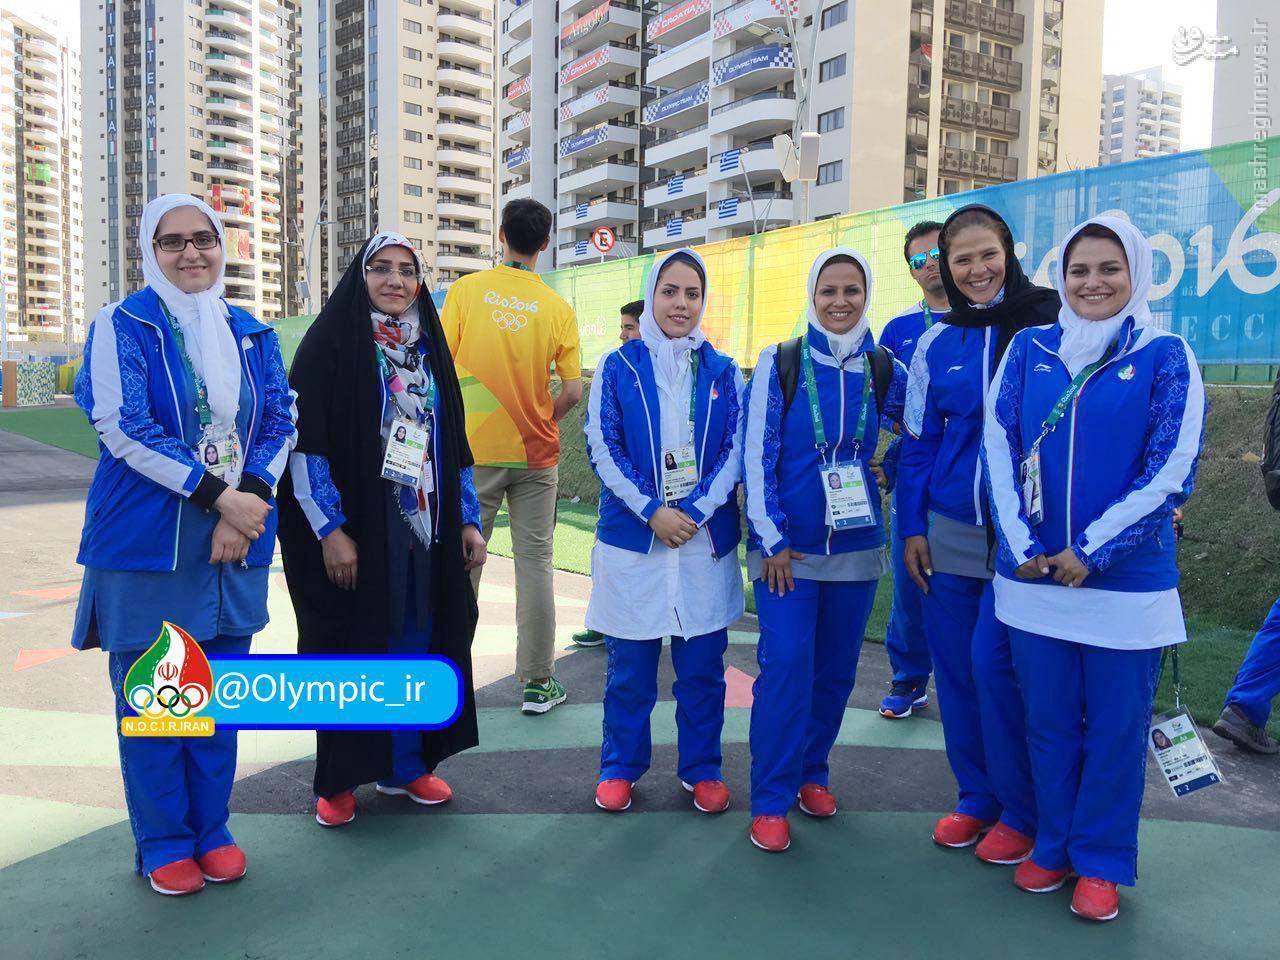 عکس/ بانوان ایران در دهکده بازی های ریو